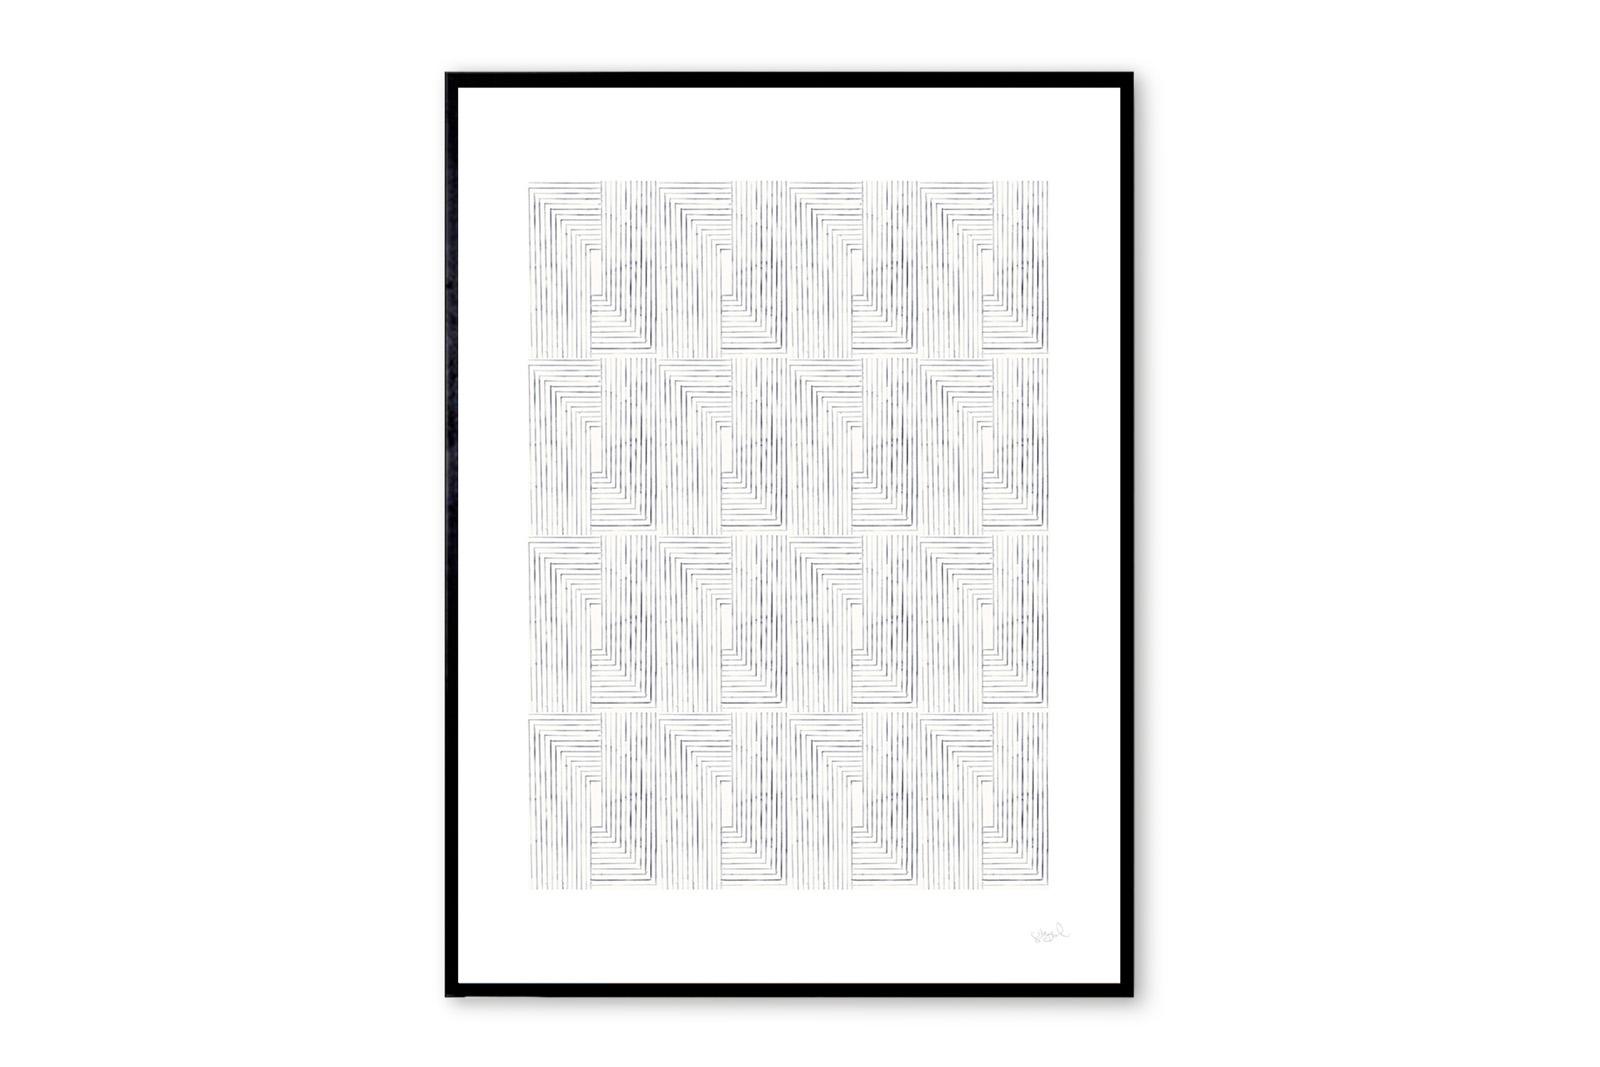 THE POSTER CLUB × Silke Bonde ポスター/アートプリント 50×70cm Loop【イラスト インテリア 北欧雑貨 おしゃれ 壁掛け 絵画 パネル モダン モノクロ モノトーン デンマーク コペンハーゲン】